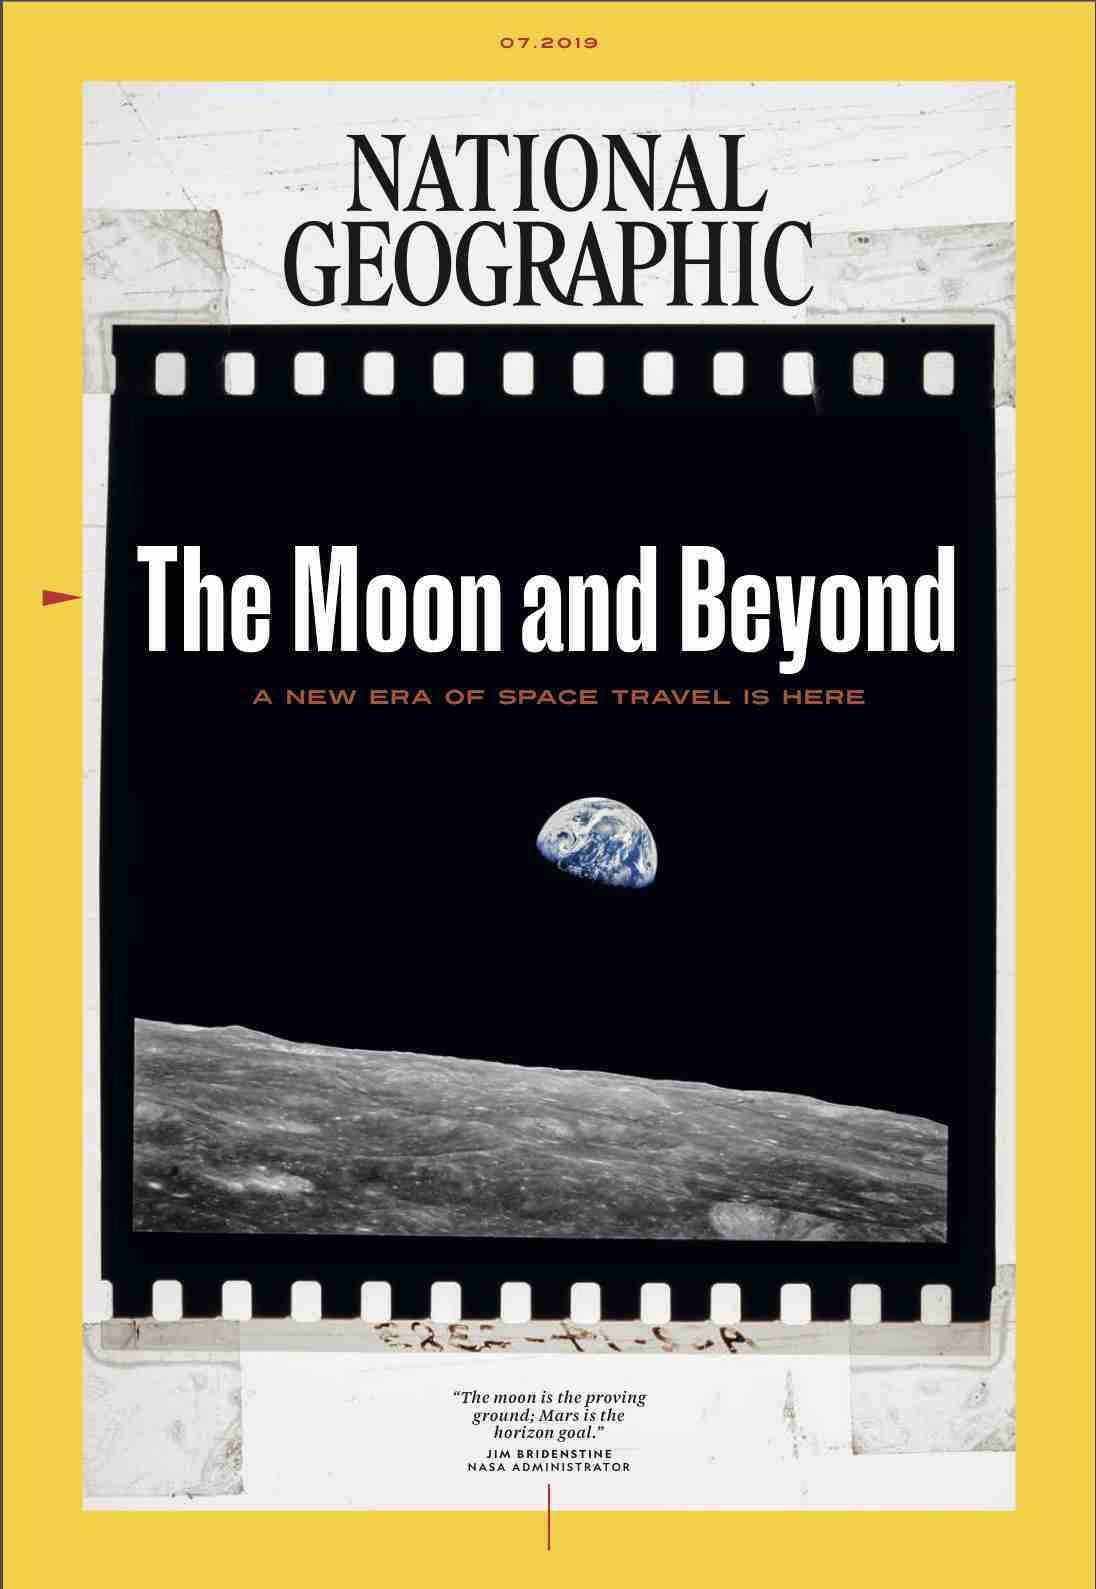 アメリカの科学雑誌7月号_c0025115_21574091.jpg